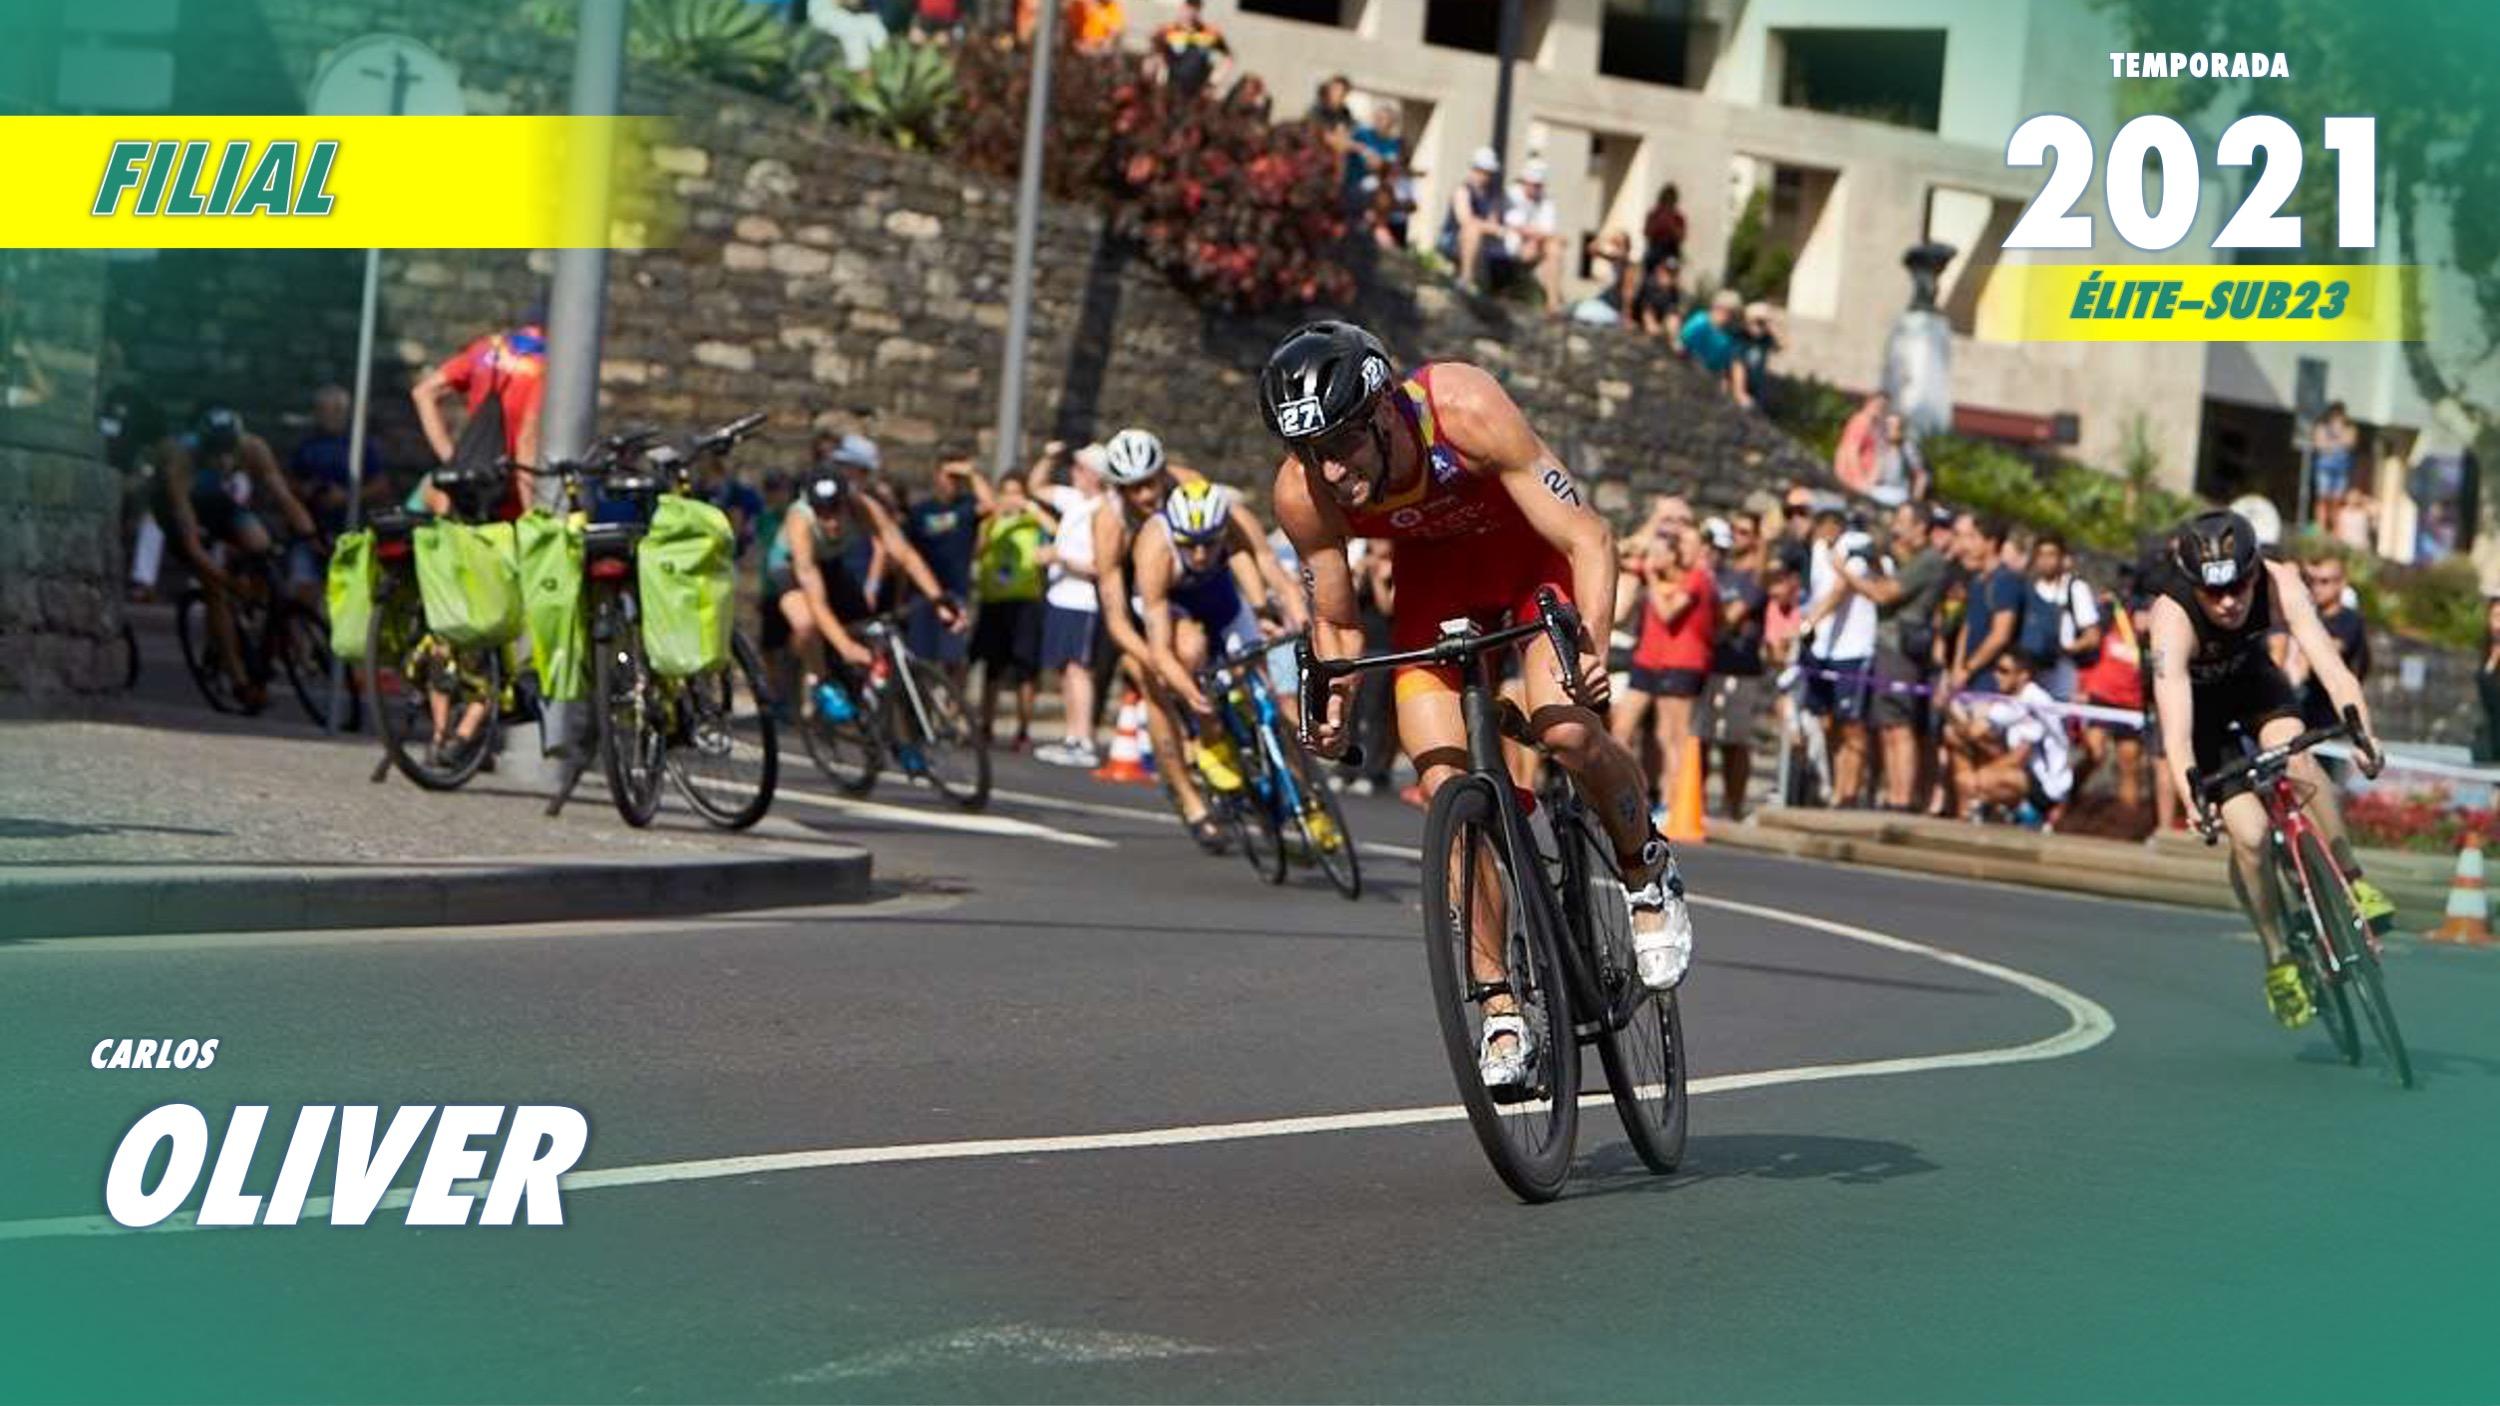 El triatleta Carlos Oliver completa el conjunto filial